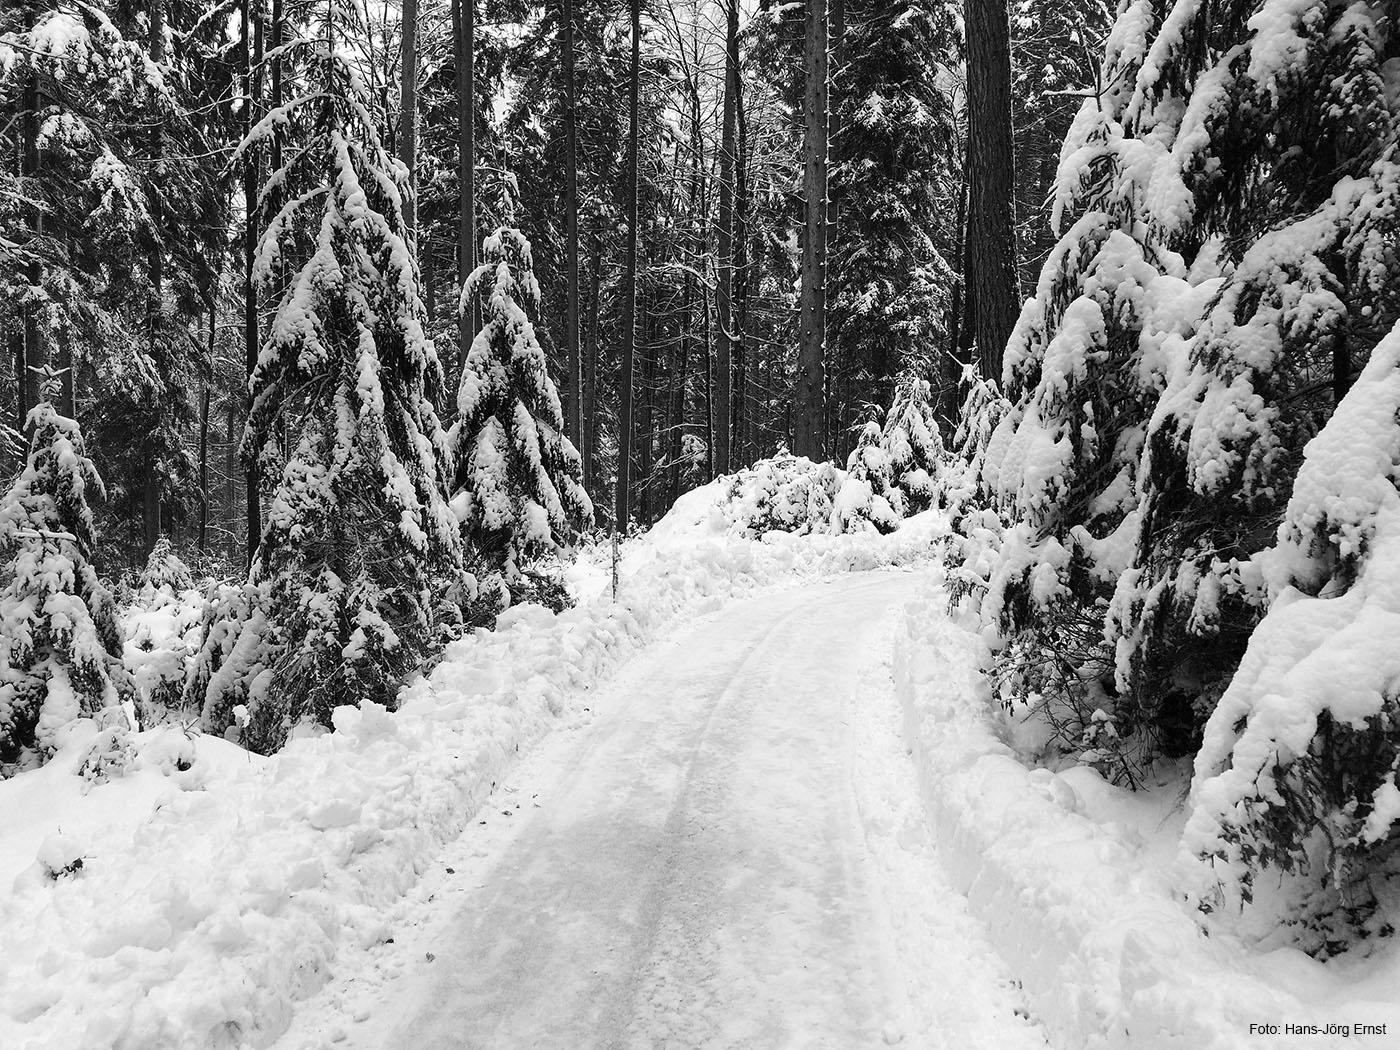 WALDWEG Der Rundweg um den Eibsee ist im Winter meistens gut geräumt oder gespurt. Gutes Schuhwerk ist auf den 7,5 Kilometern um den See (rund 2 Stunden) im Winter empfehlenswert.